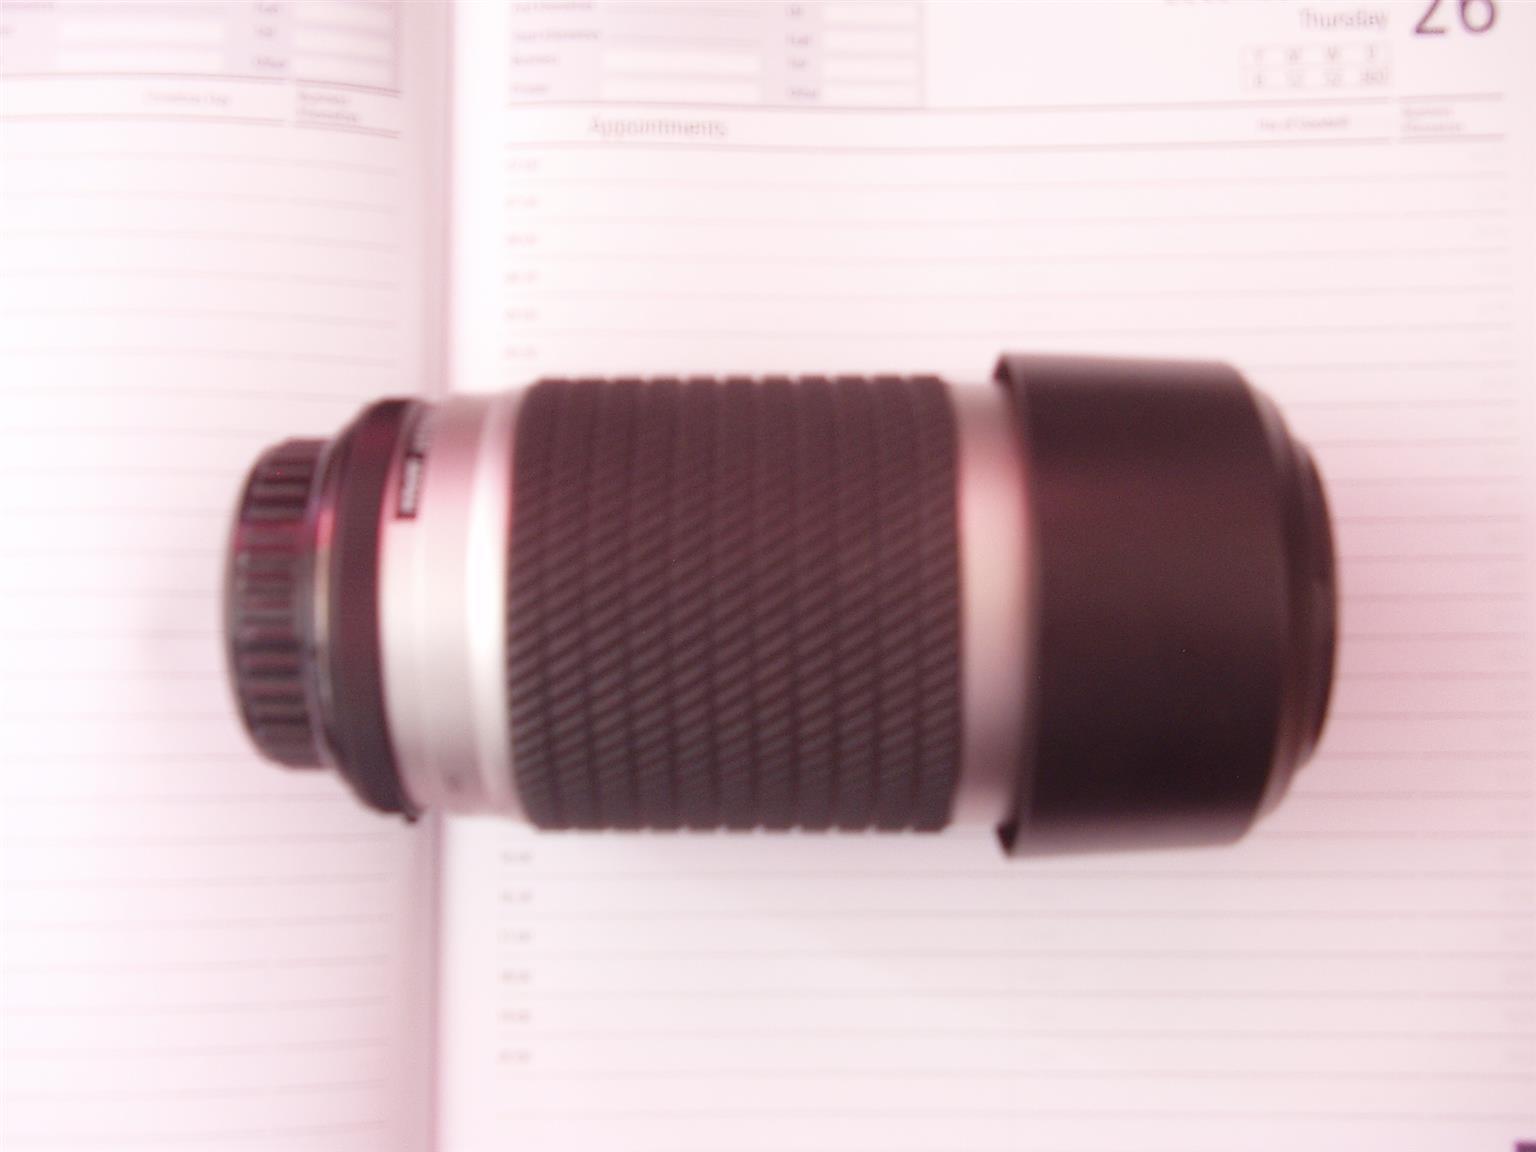 Tokina AF 100-300mm 1:5.6 - 6.7 Lens